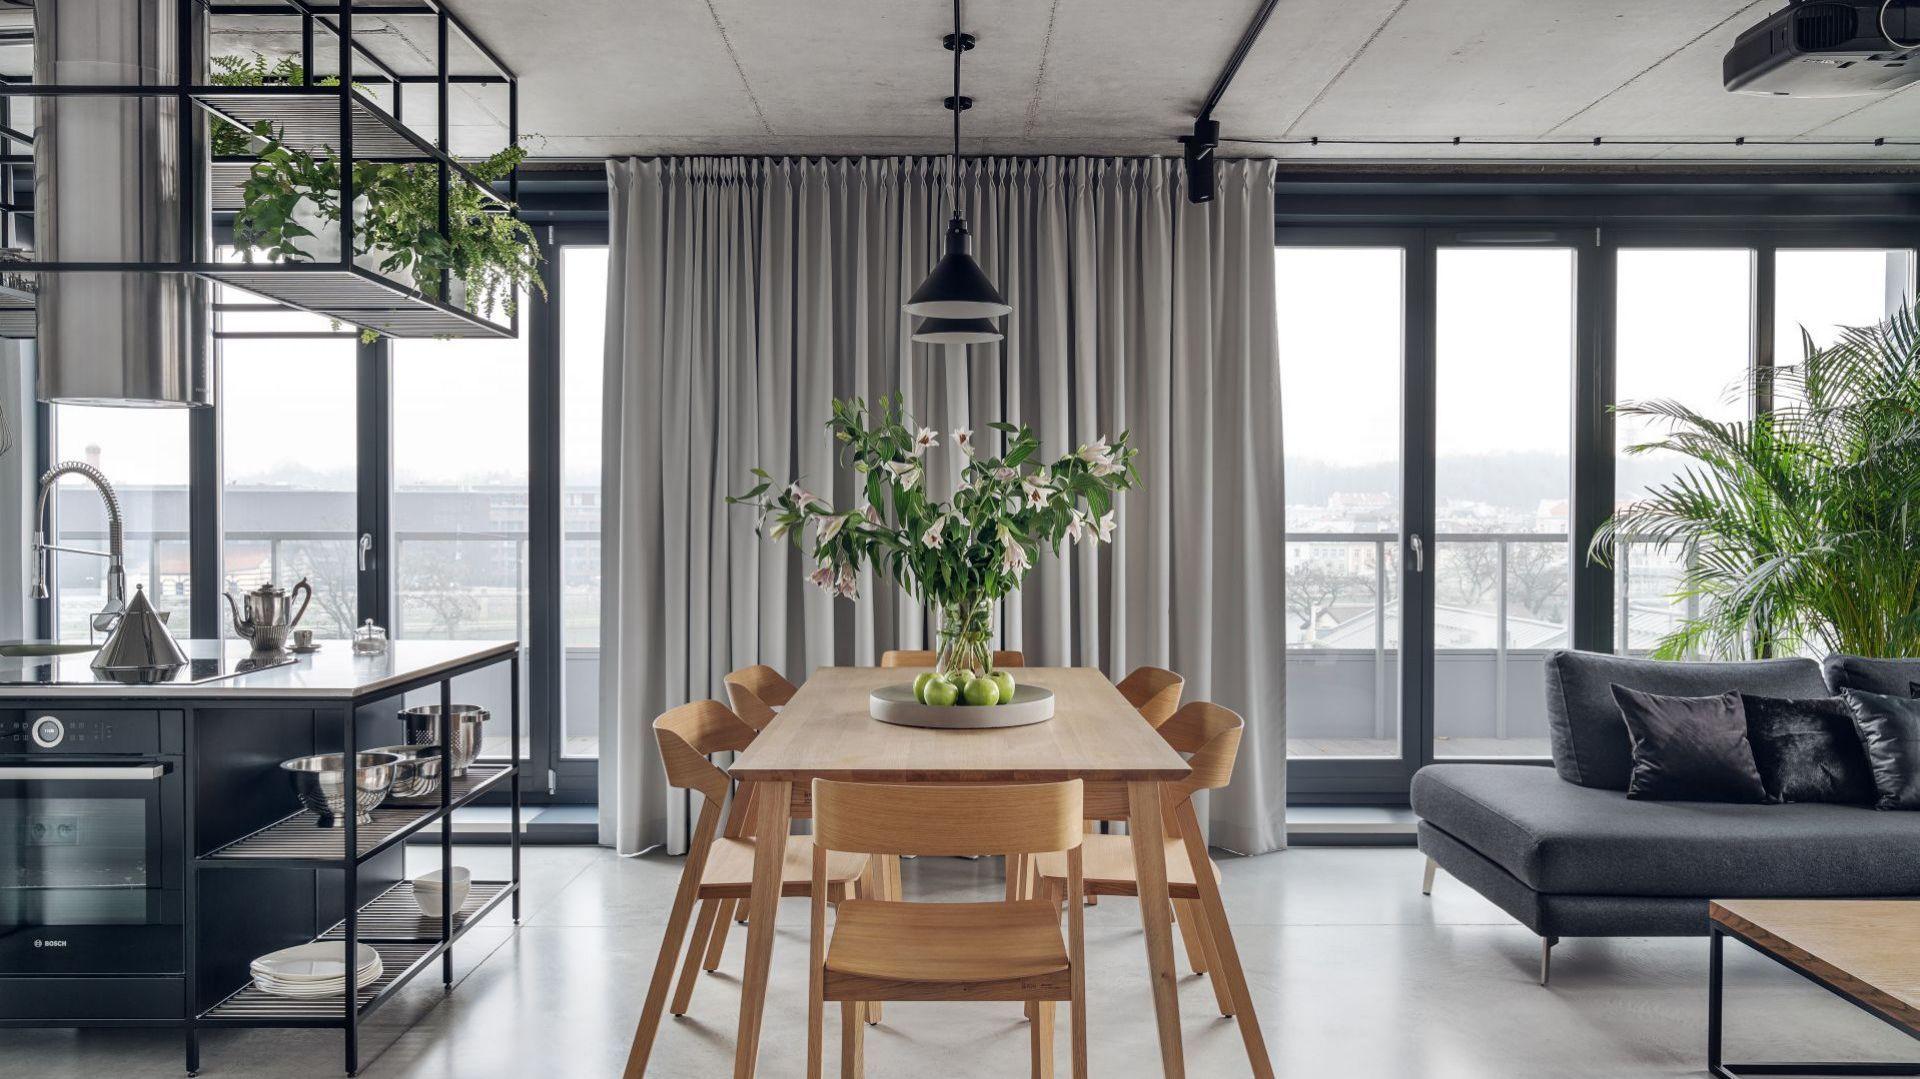 Czarne lampy podkreślają surową industrialną aranżację tego wnętrza. Projekt wnętrza: BLACKHAUS Karol Ciepliński Architekt. Zdjęcia: Tom Kurek